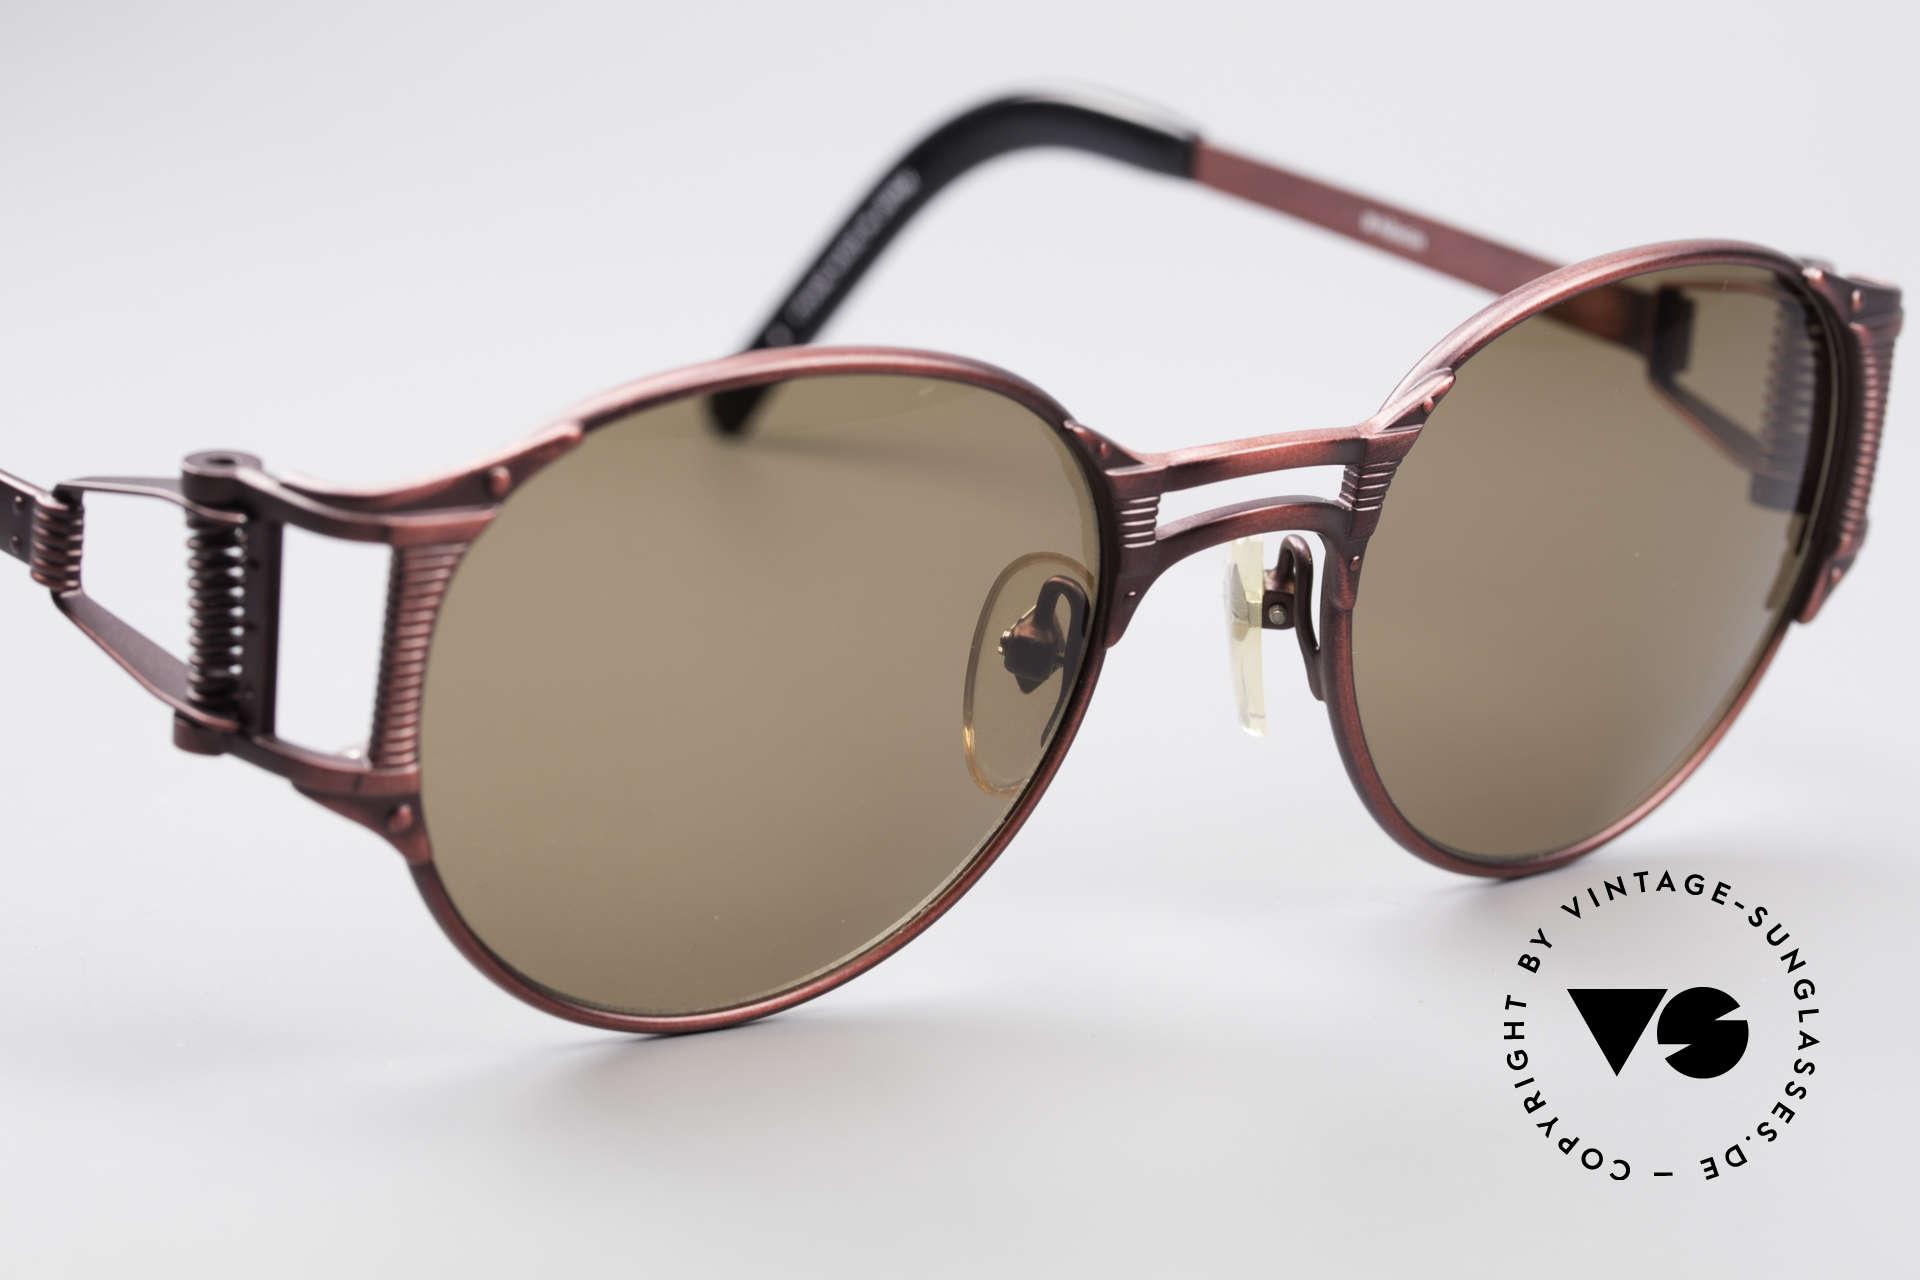 Jean Paul Gaultier 56-5105 Rare Celebrity Sonnenbrille, ungetragenes Einzelstück (wie alle unsere vintage J.P.G.), Passend für Herren und Damen